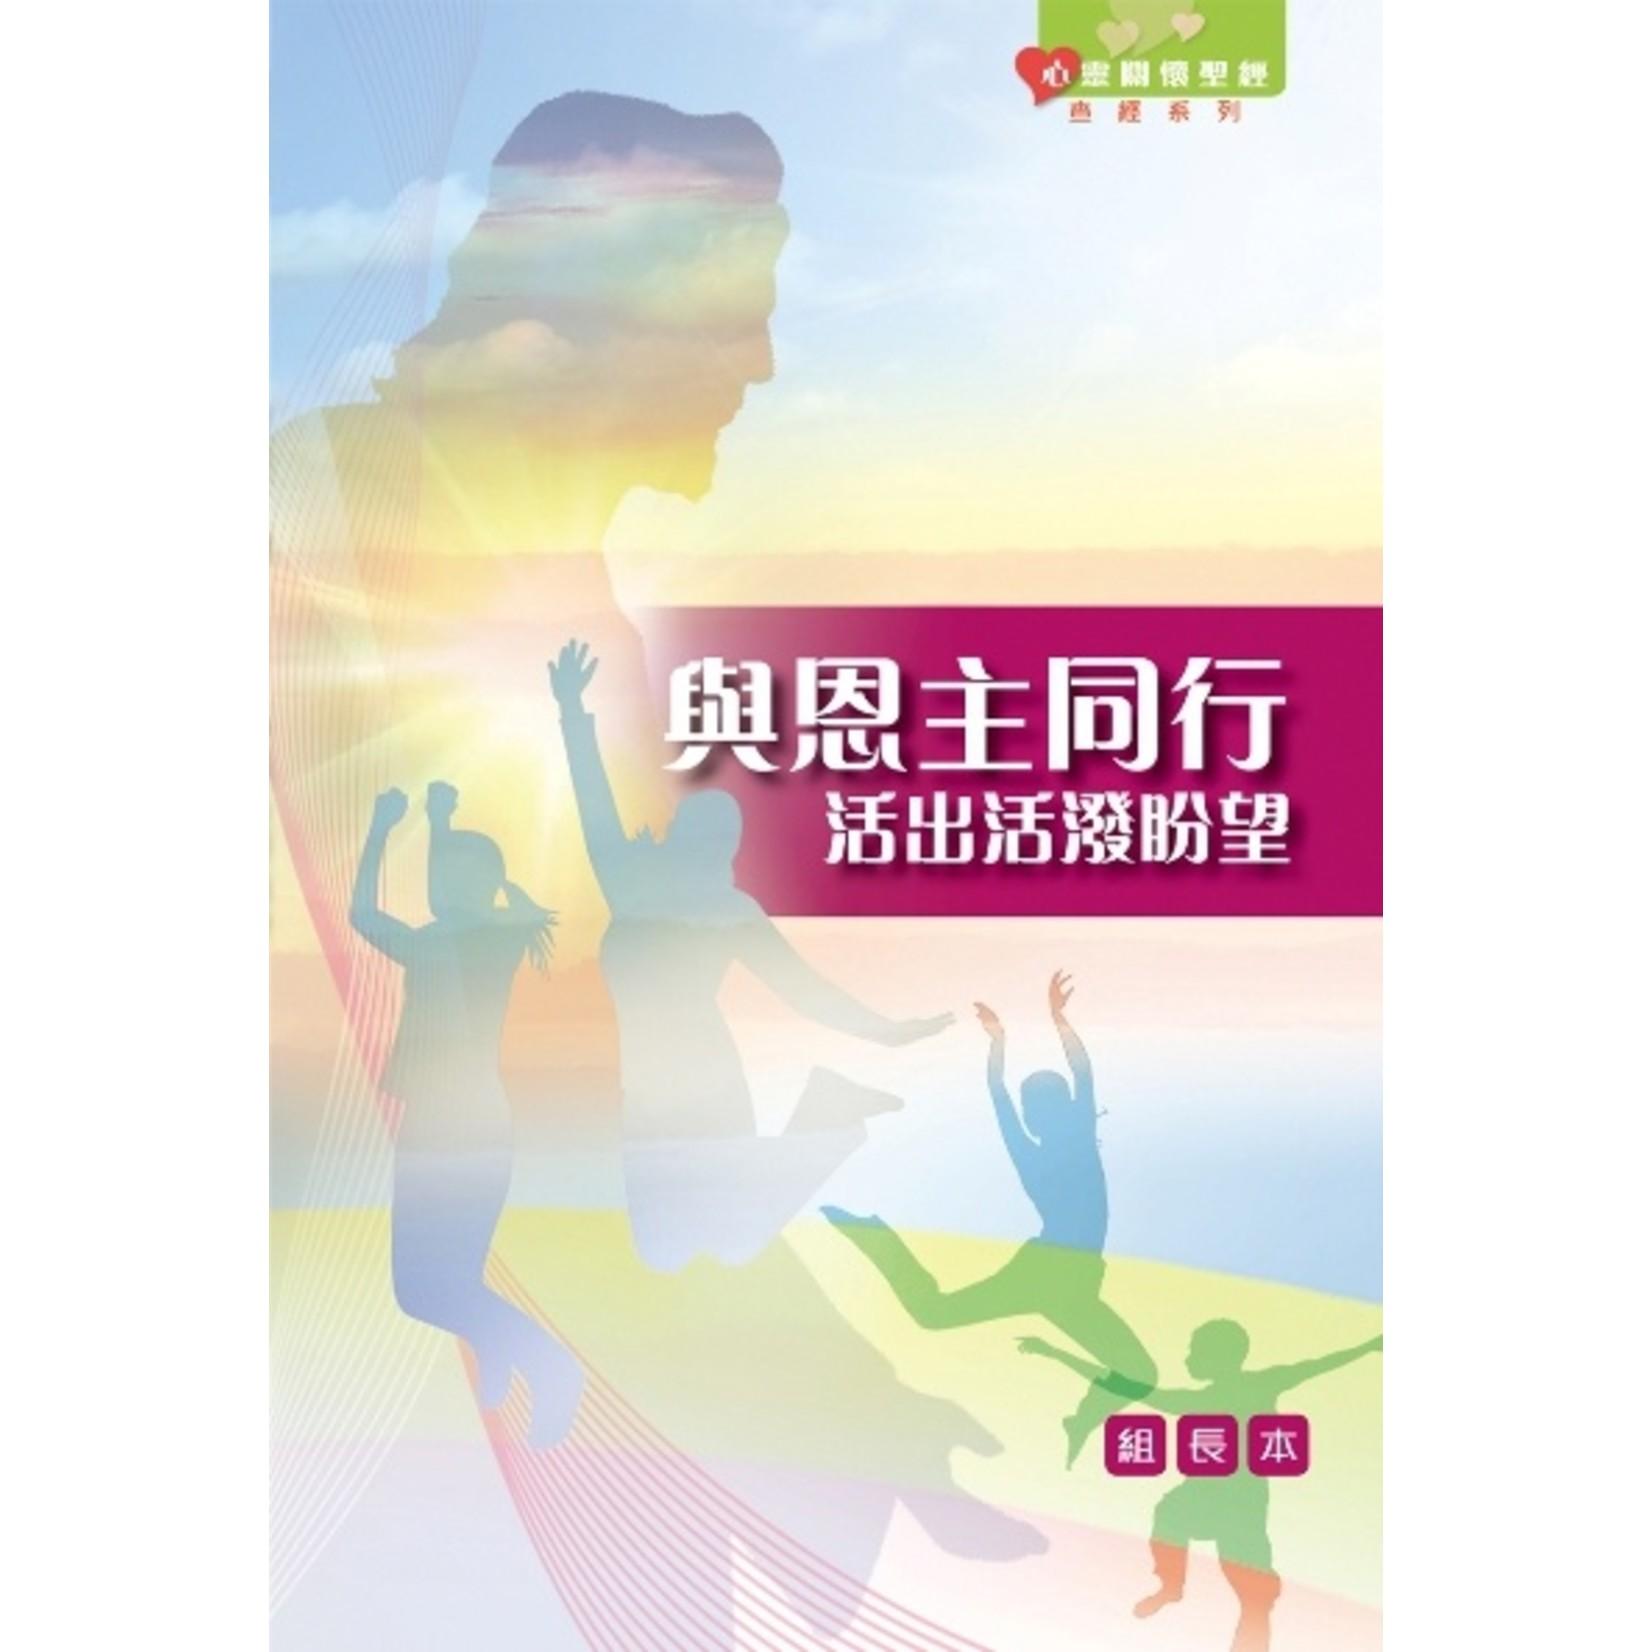 環球聖經公會 The Worldwide Bible Society 與恩主同行:活出活潑盼望(組長本)(繁體)